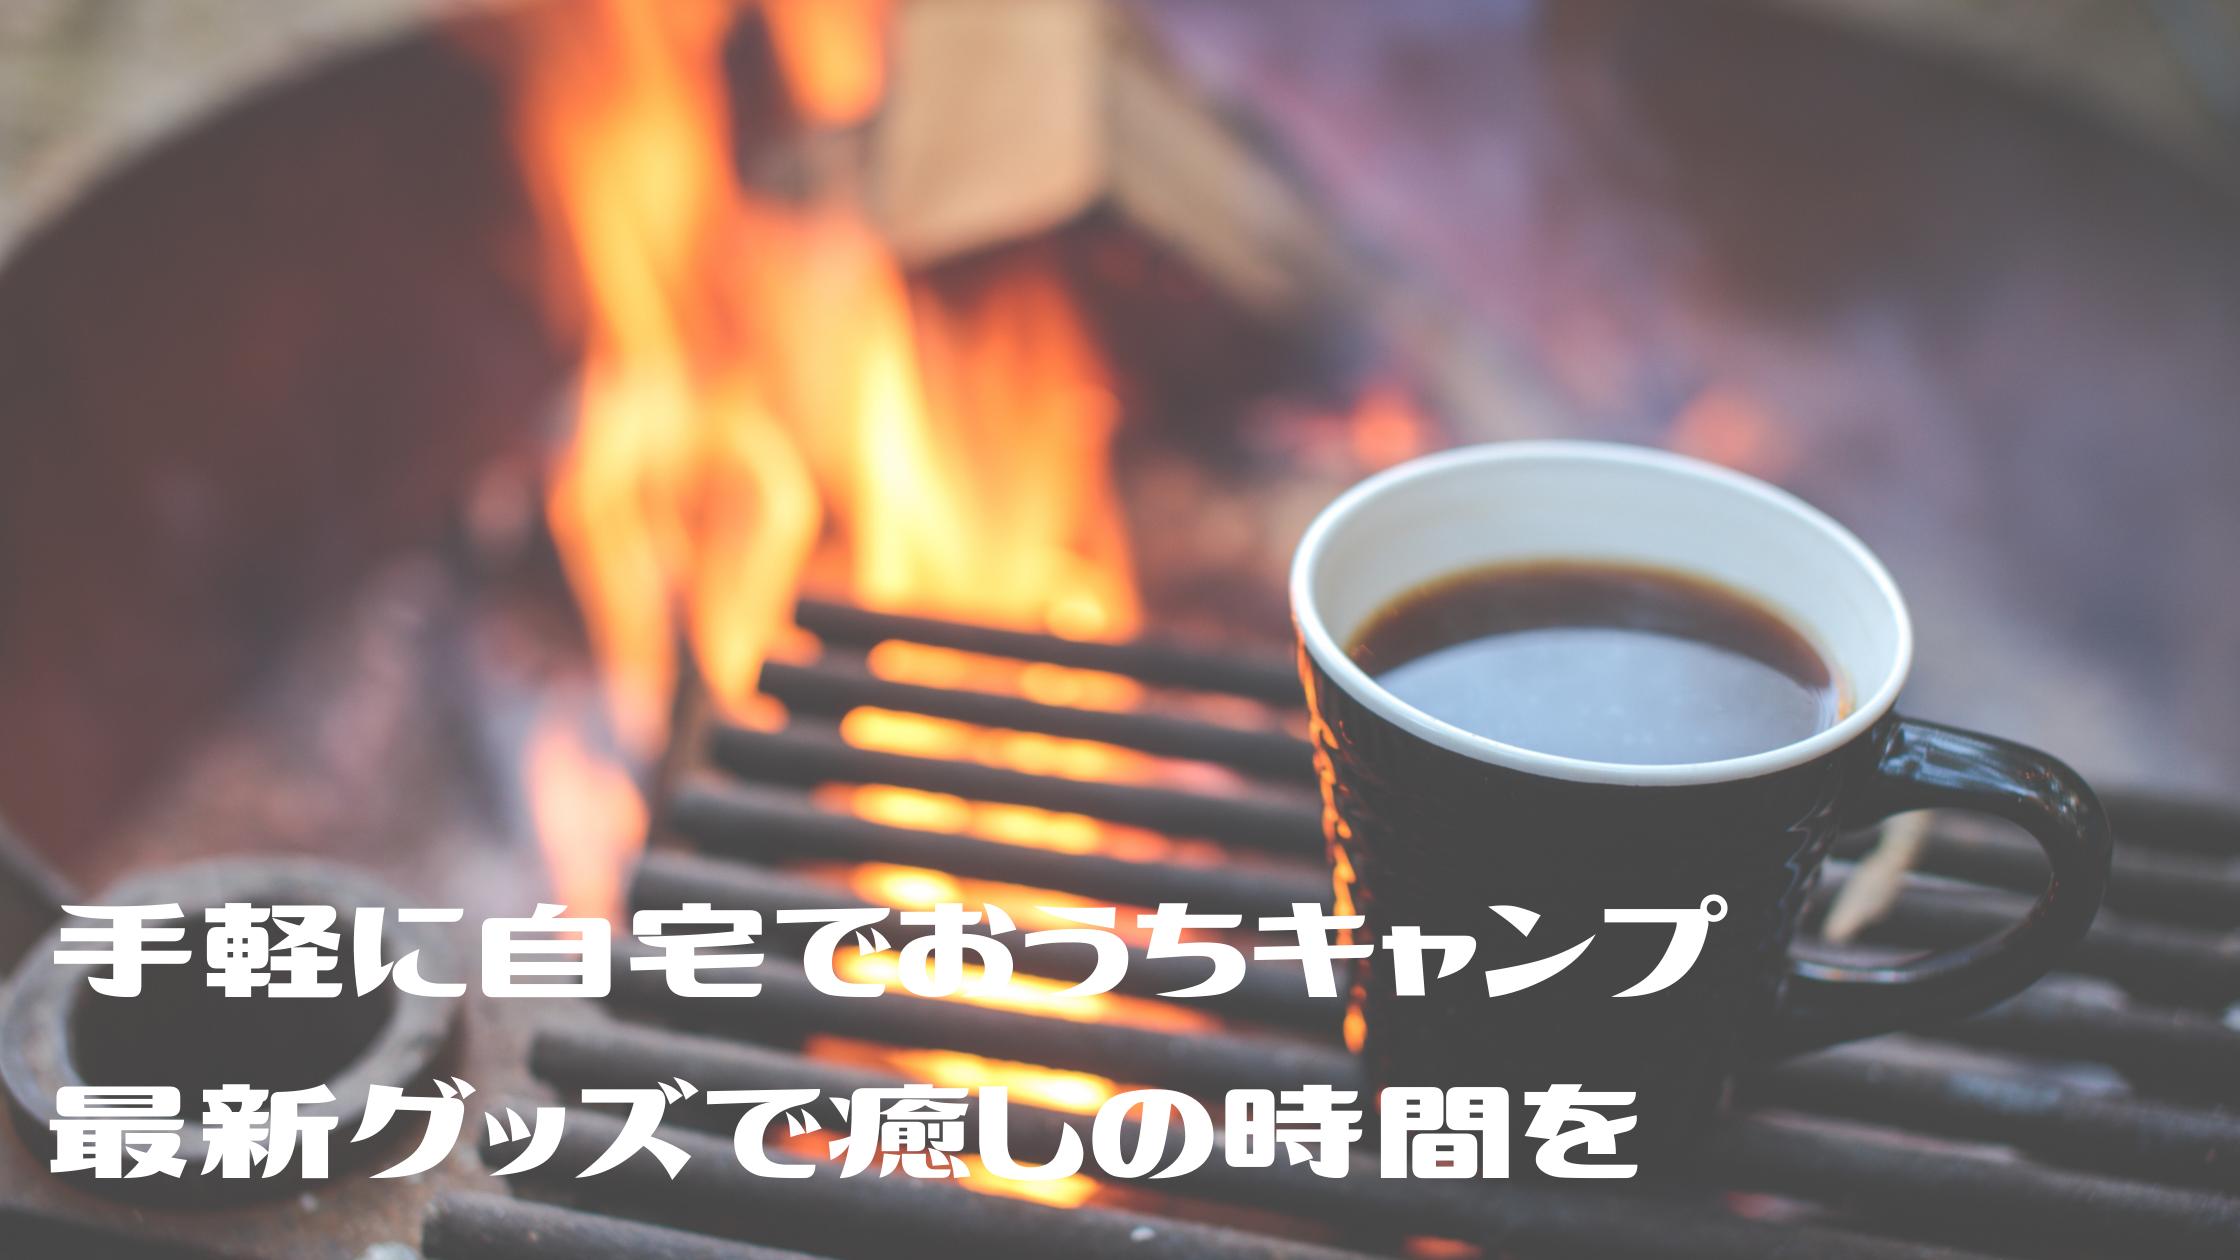 【最高!おうち時間デリバリー】バイきんぐ西村さん【おすすめキャンプグッズ】